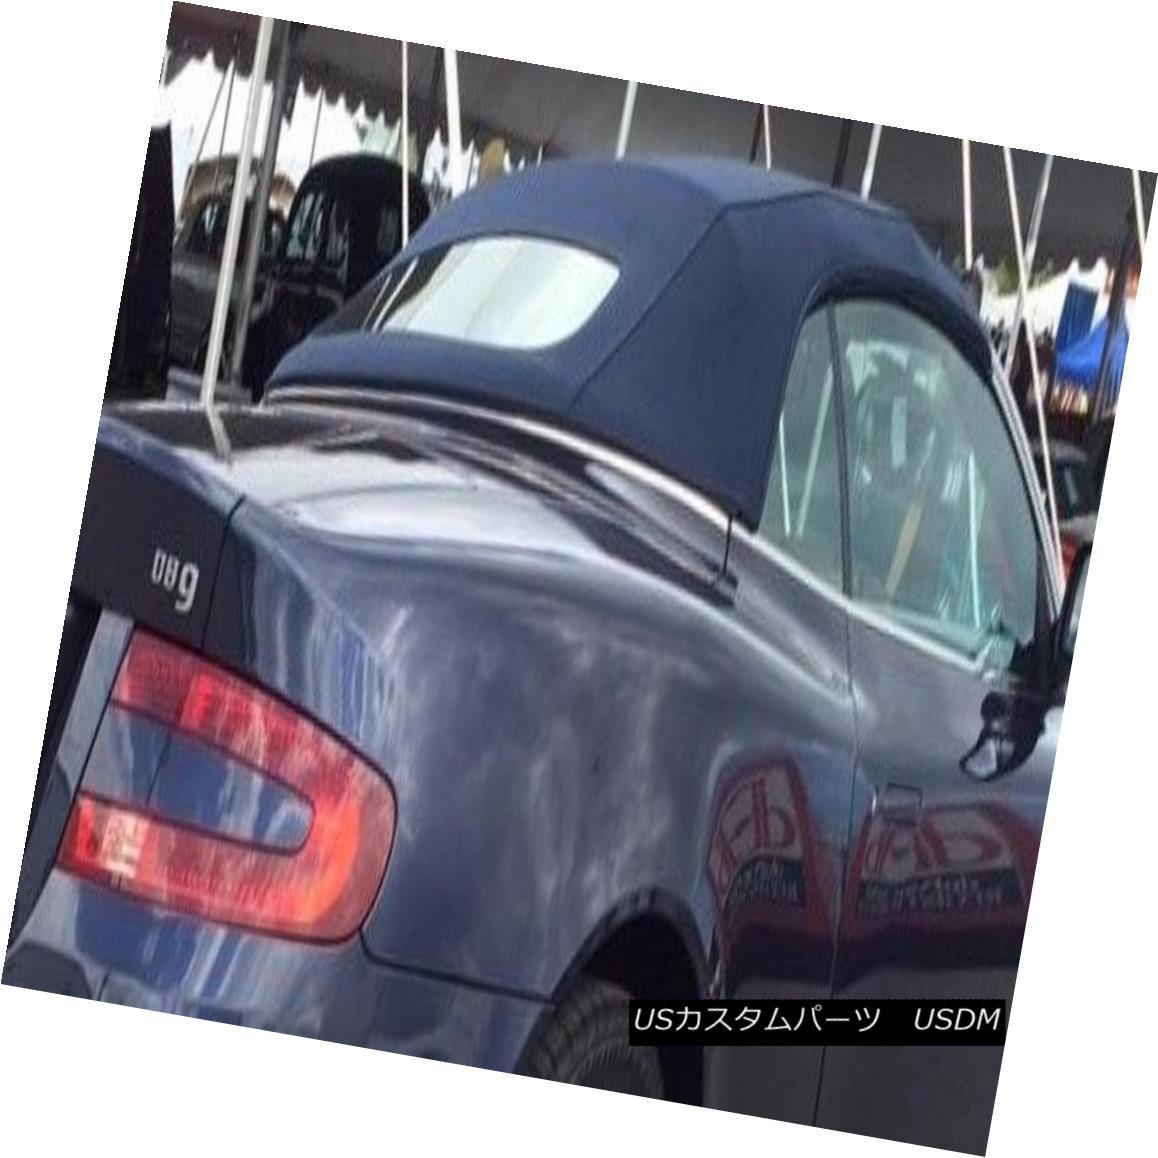 幌・ソフトトップ 2003- 2010 Aston Martin DB9 Volante Blue Replacement Convertible Soft Top 2003年 - 2010年アストン・マーティンDB9ボランテ・ブルー交換用ソフトトップ